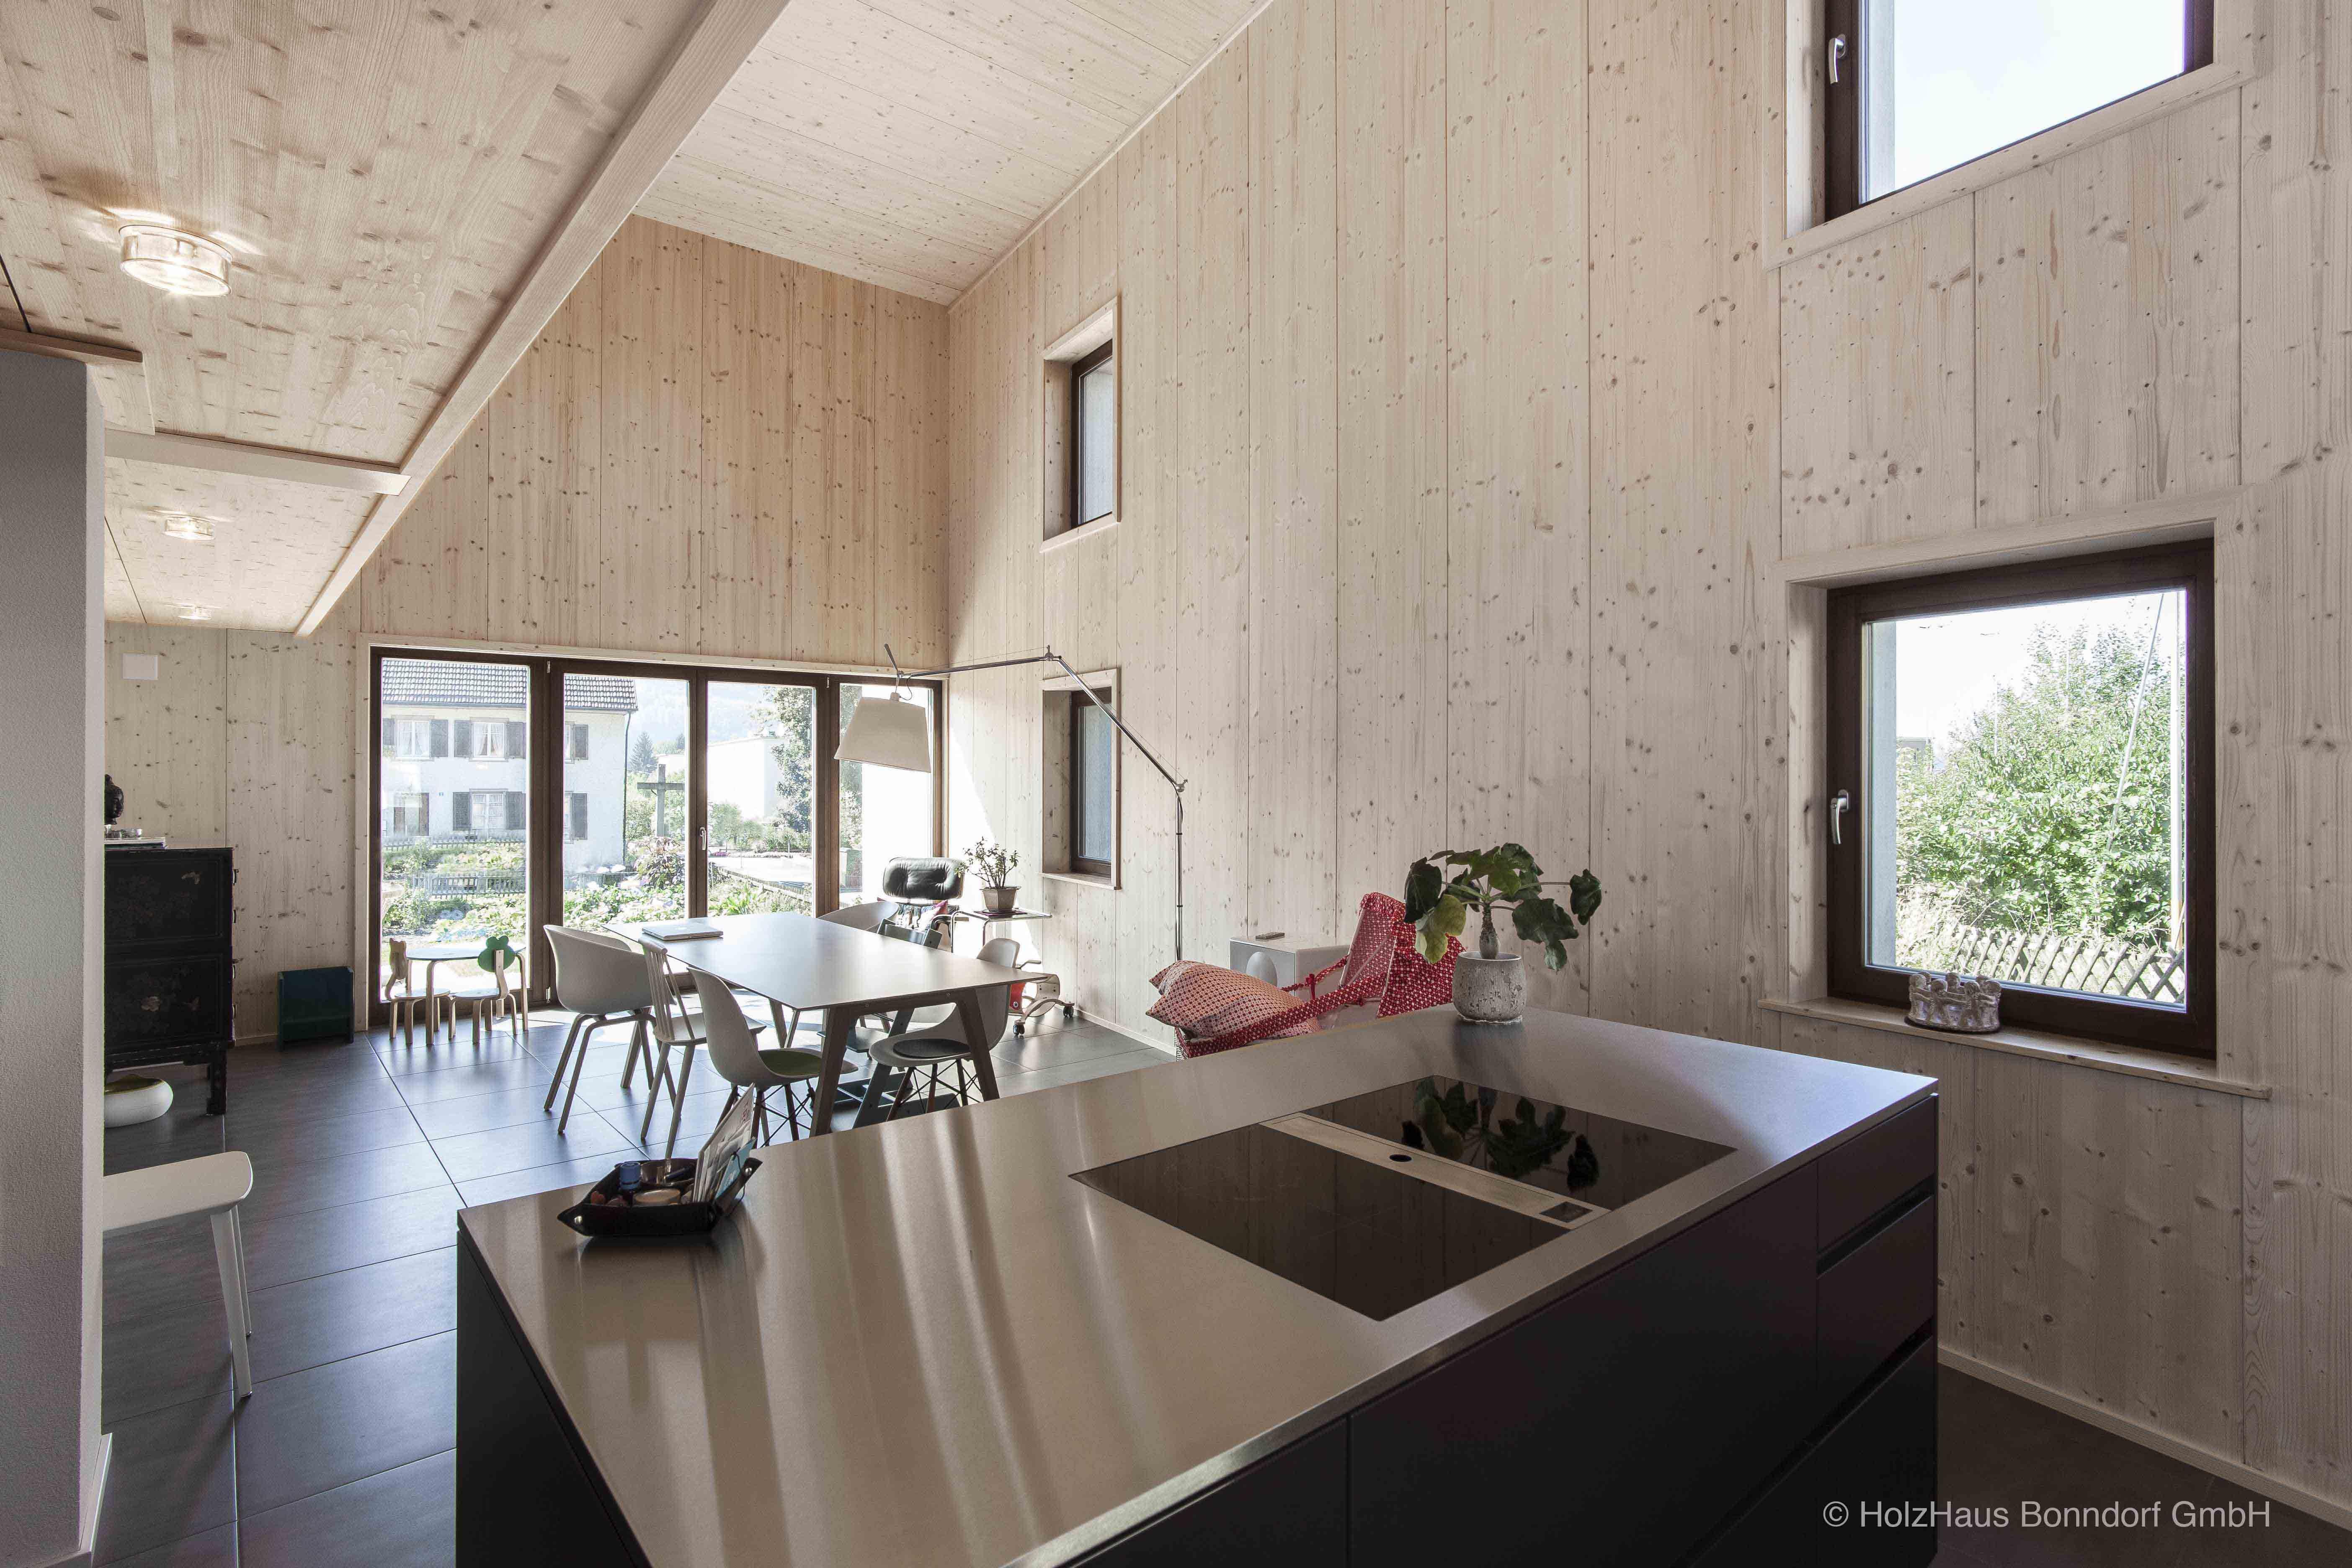 Holzhaus Bonndorf house in switzerland ausführung holzhaus bonndorf gmbh entwurf